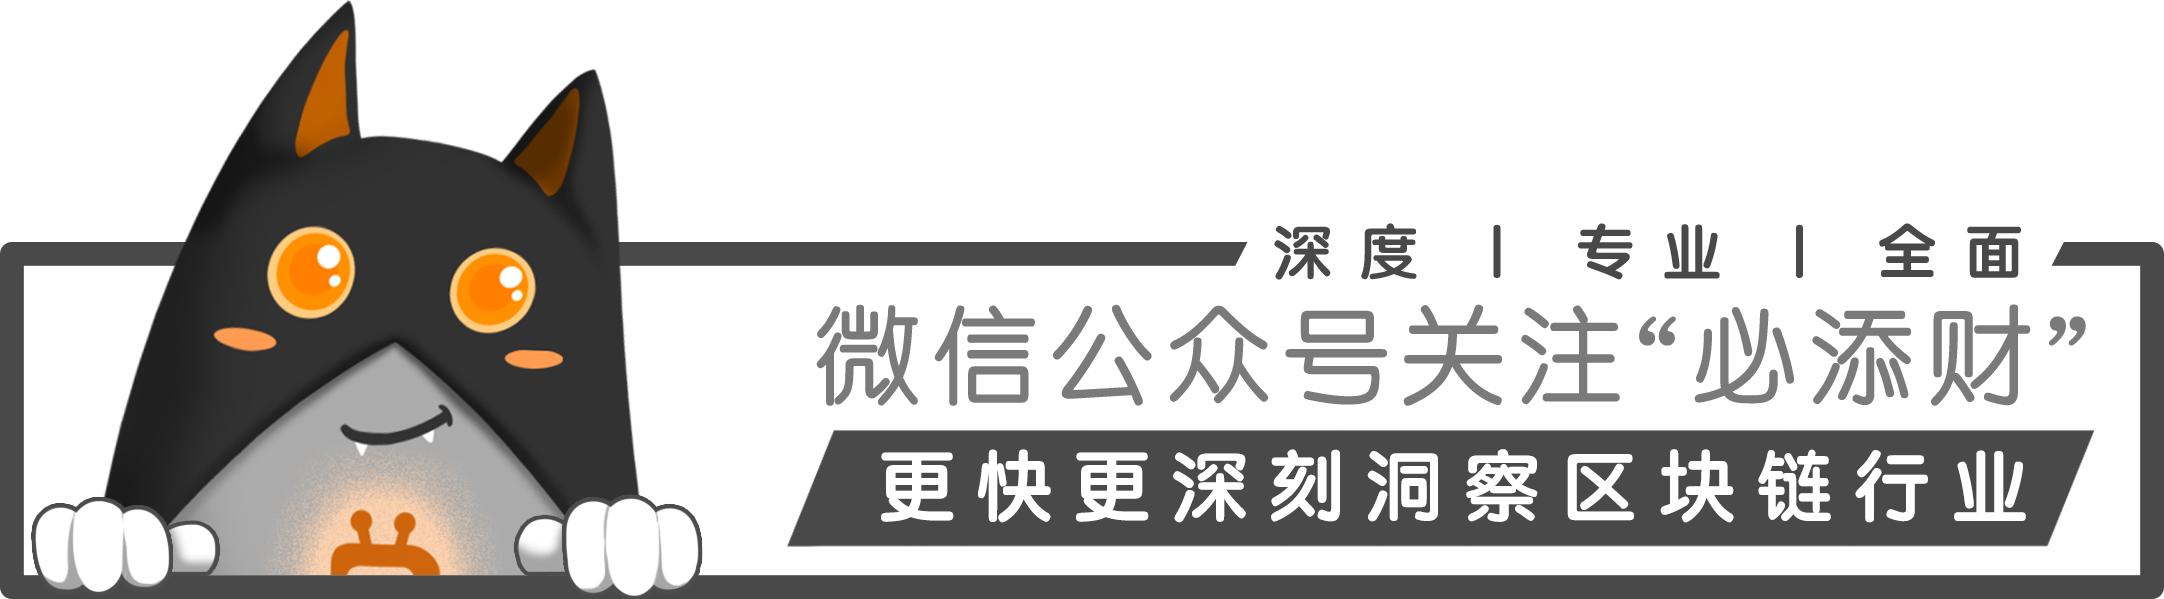 中国人民银行数字货币部门在中国东部开设研